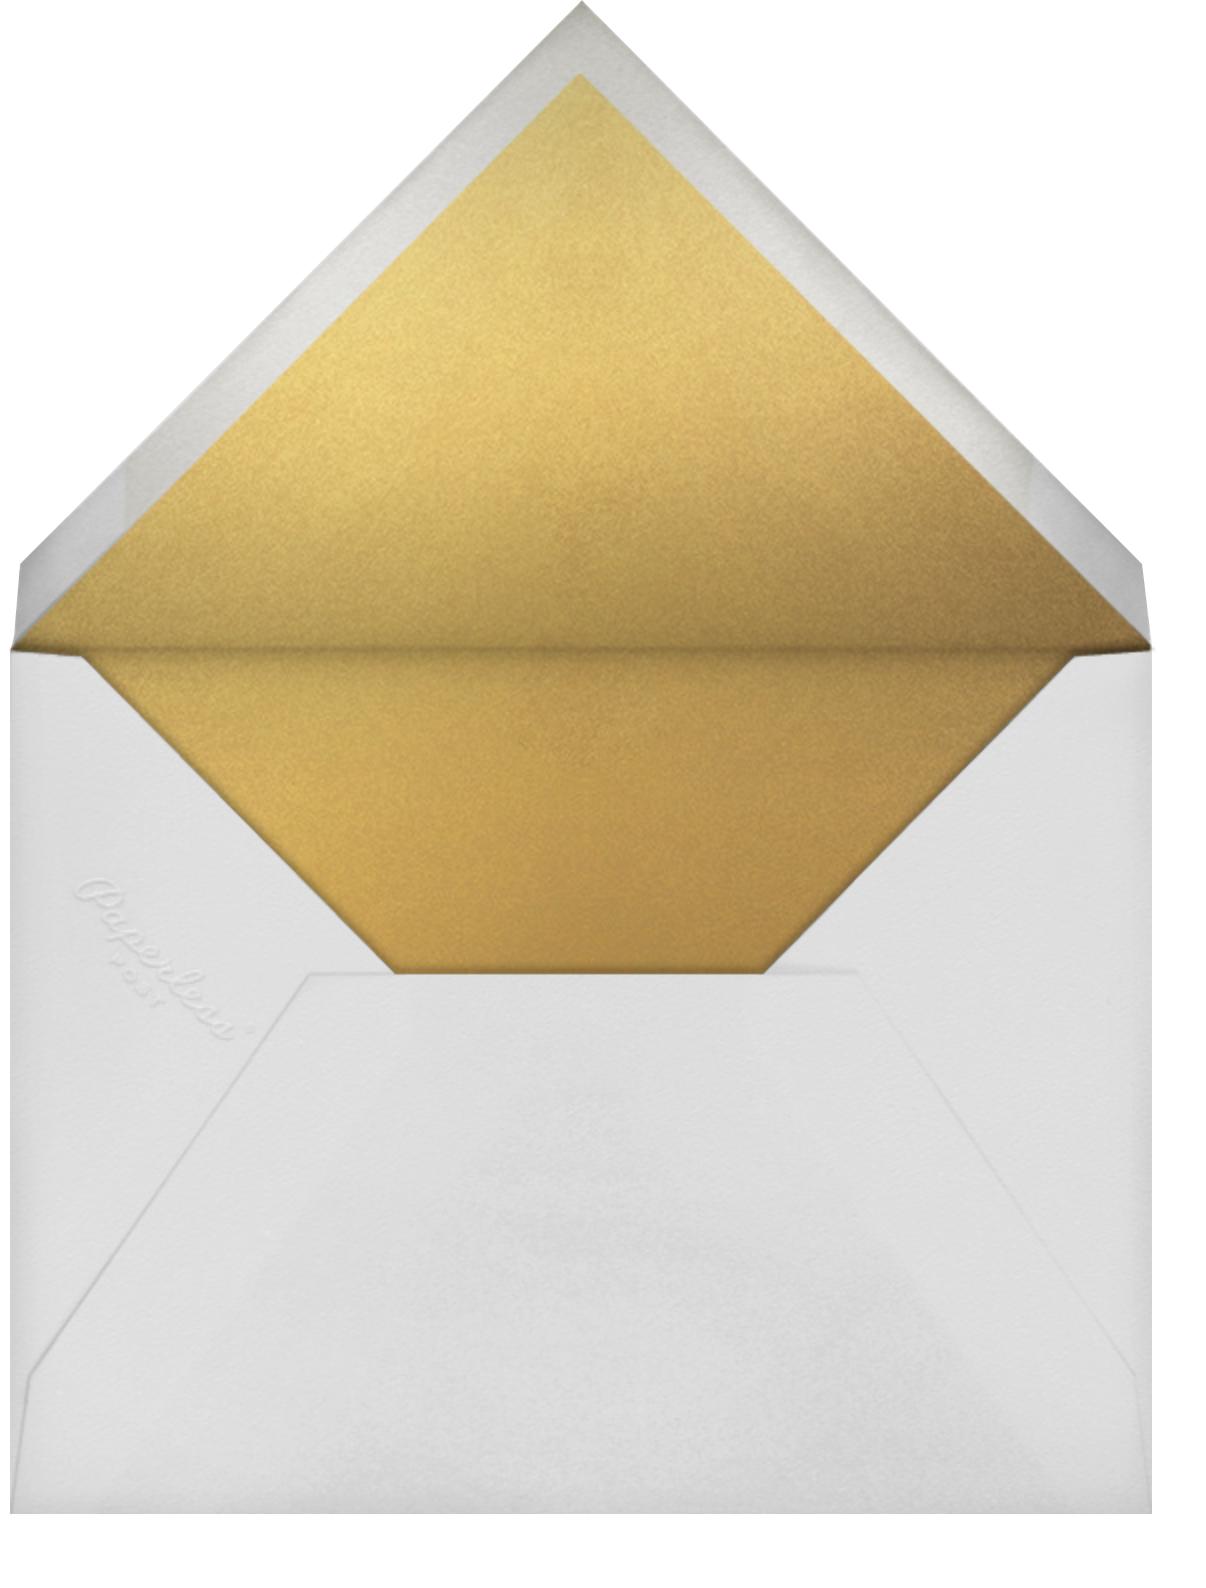 Grenadine - White - Oscar de la Renta - Envelope